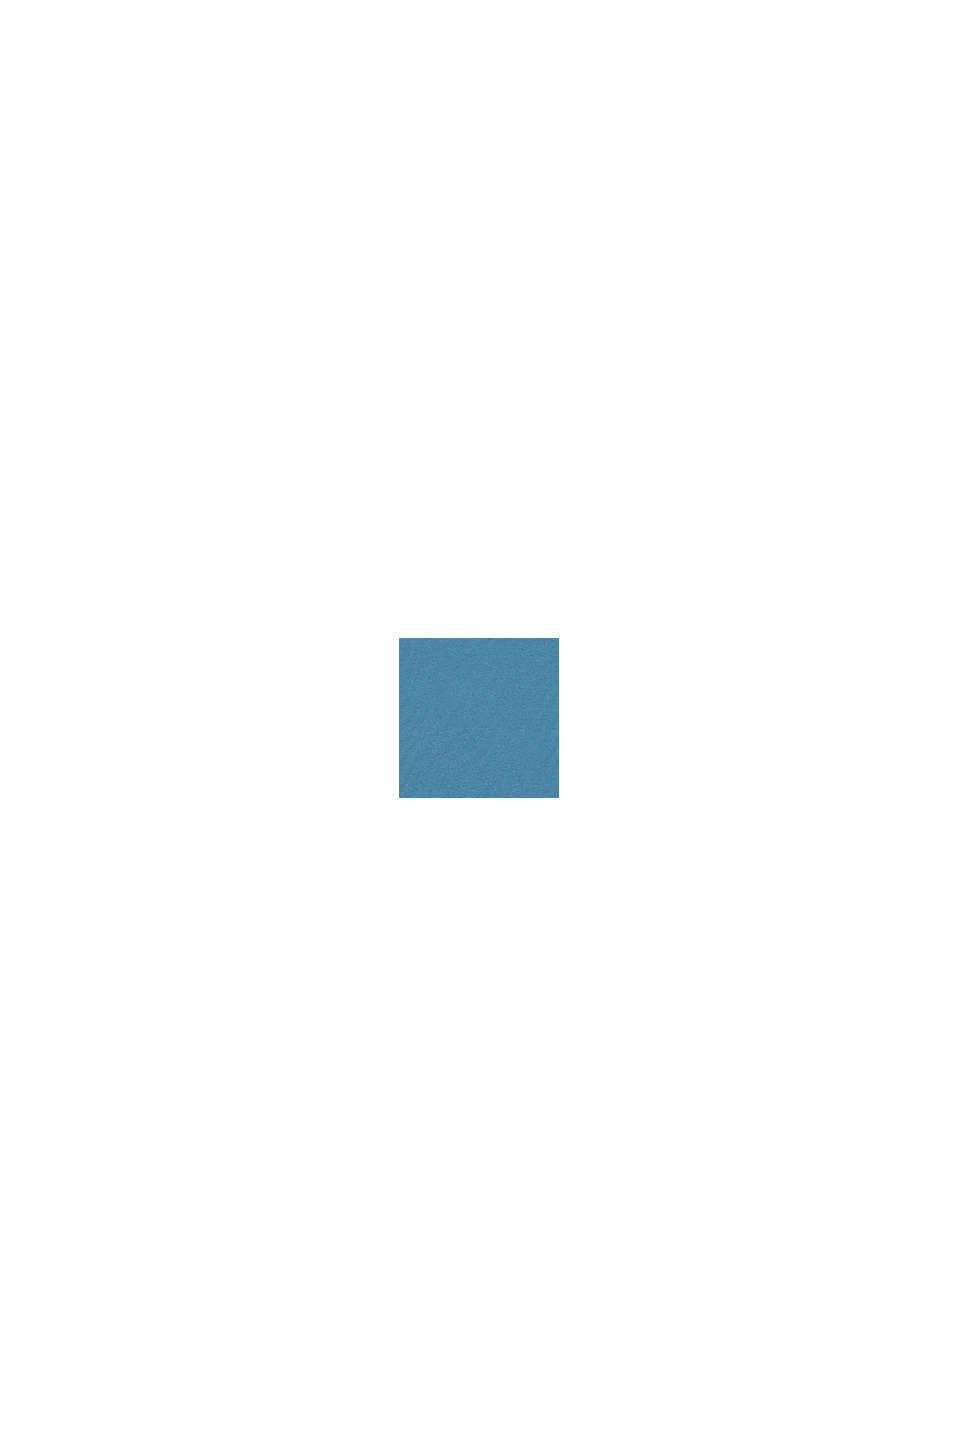 T-shirt van 100% katoen met logo, GREY BLUE, swatch